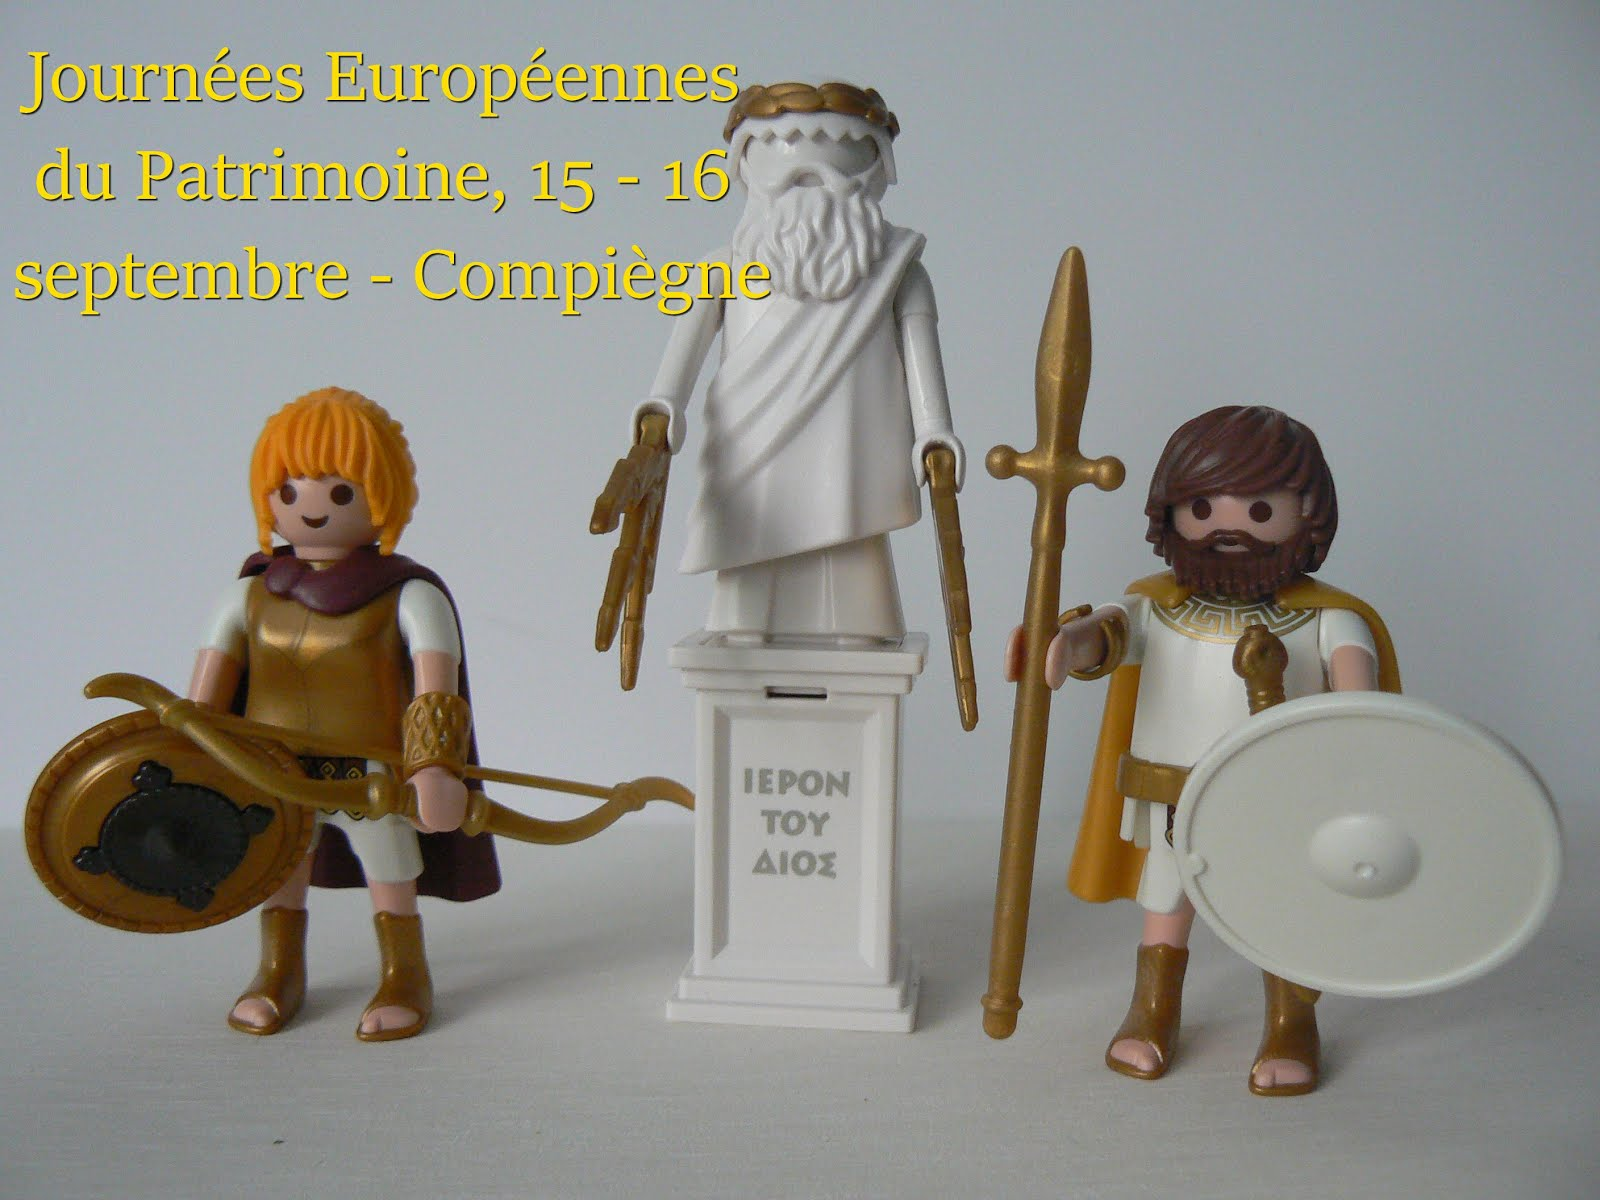 Journées Européennes du Patrimoine 2018